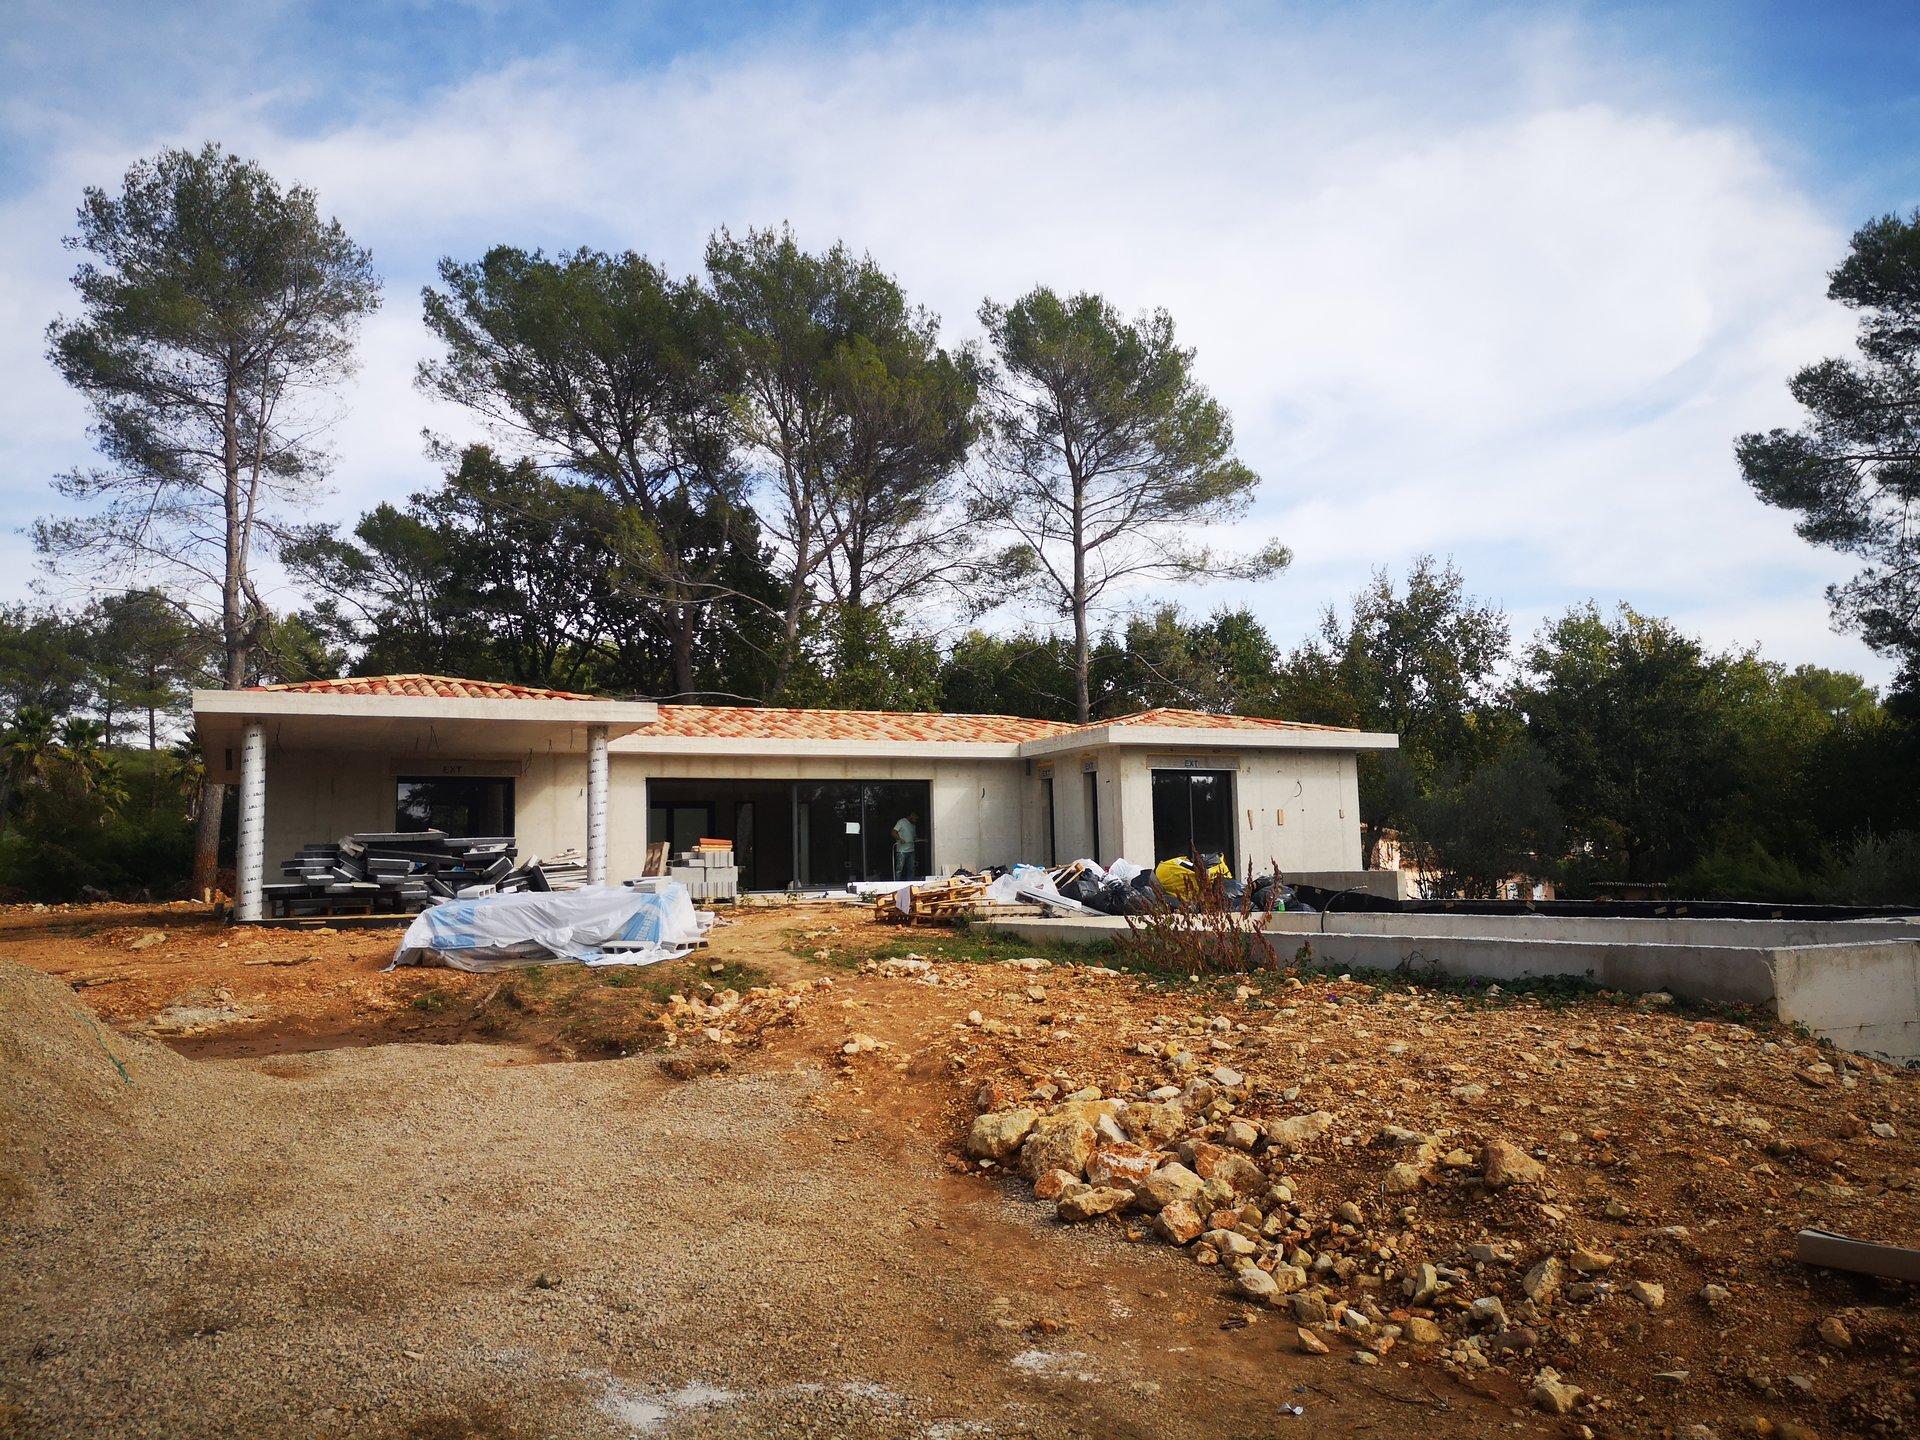 vente maison moderne à ROQUEFORT, livraison 2021